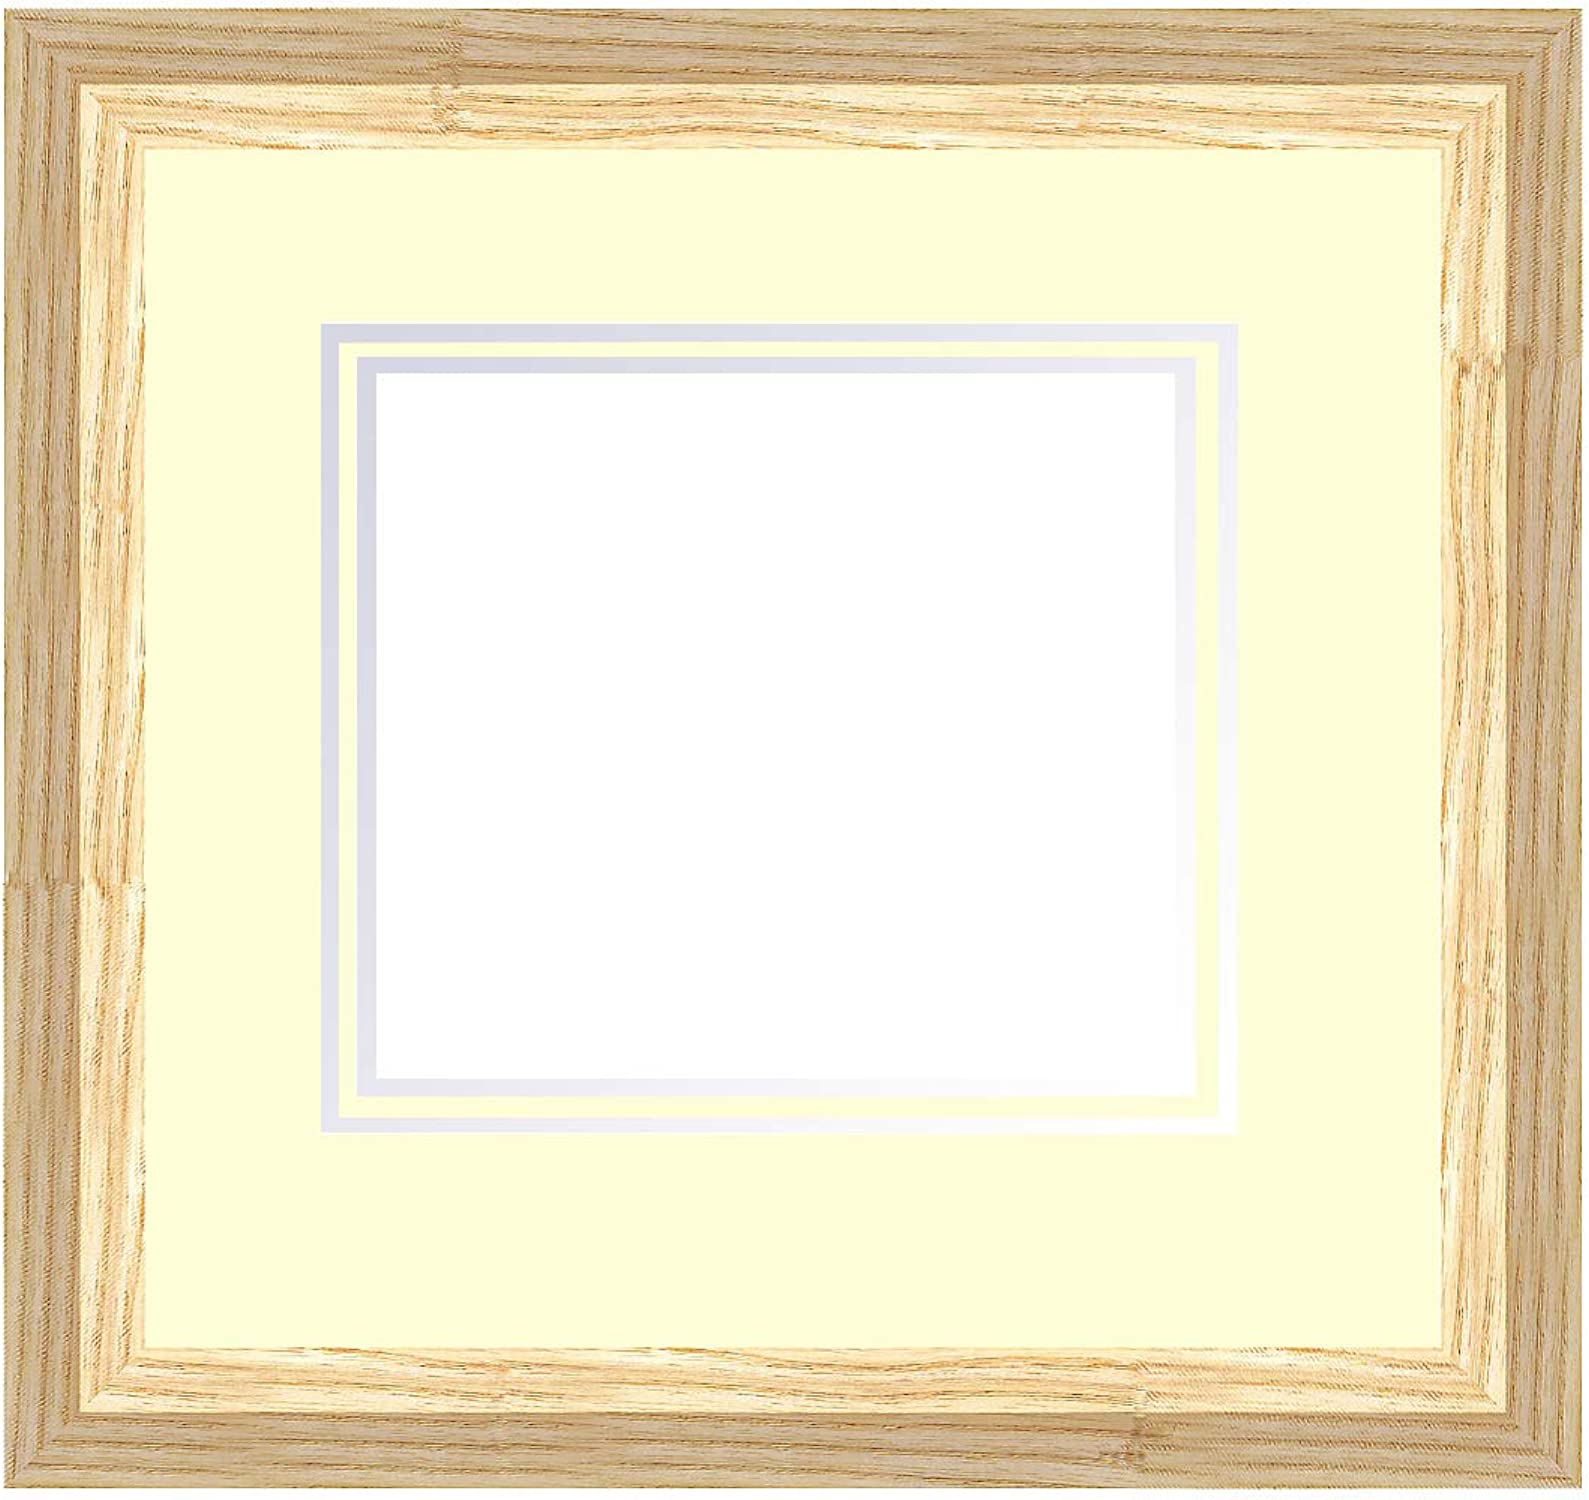 Los mejores precios y los estilos más frescos. Framecraft Bath Ltd - Marco Marco Marco de Fotos, Madera de Fresno, Natural, 11 x 9 cm  precios ultra bajos